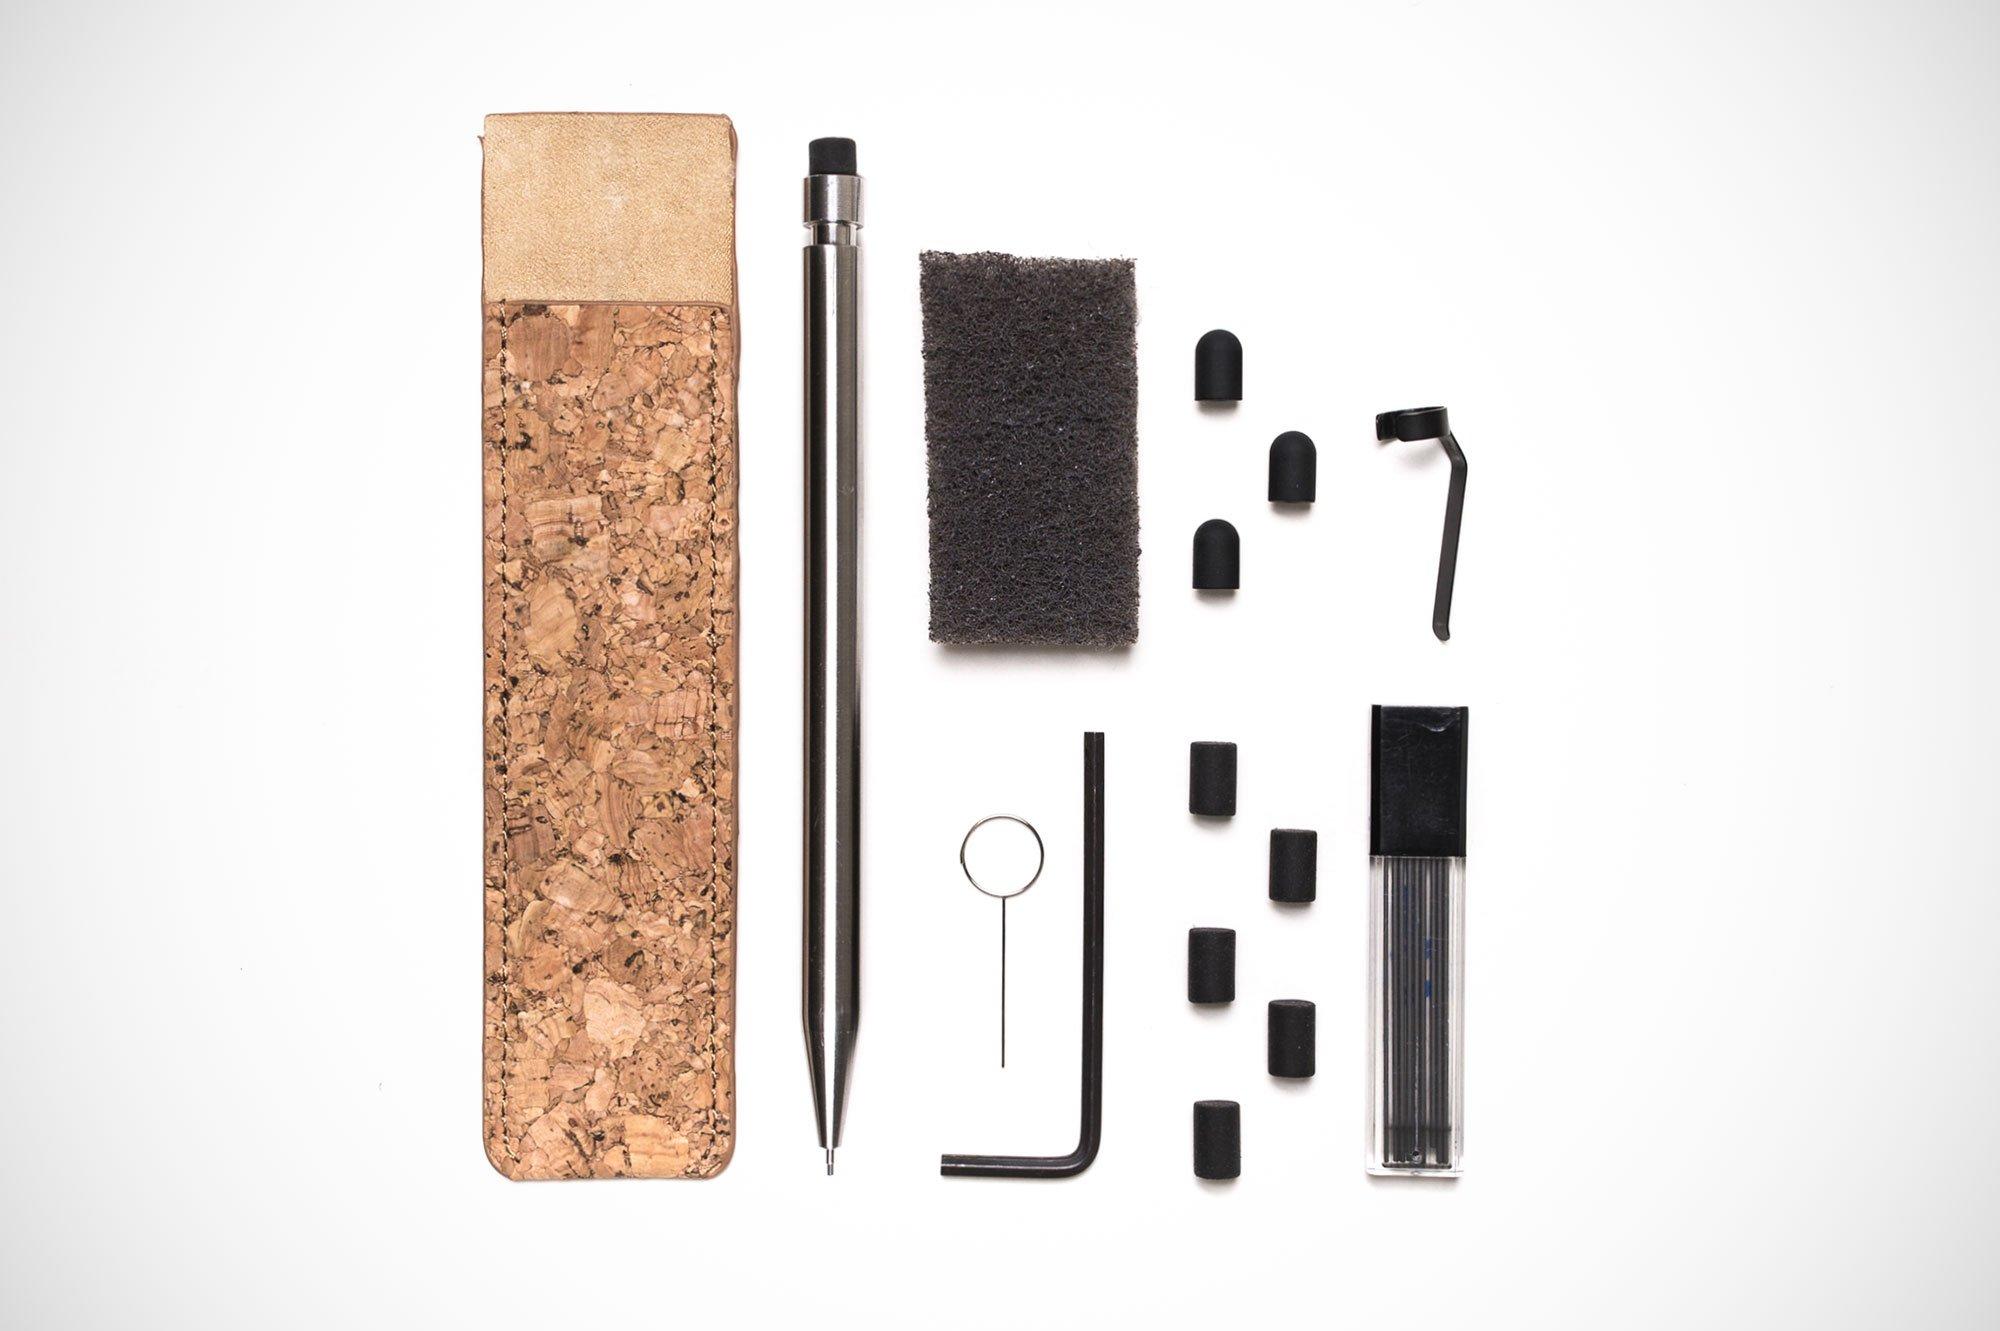 Minimalist Flatware The Modern Fuel Pencil 2 0